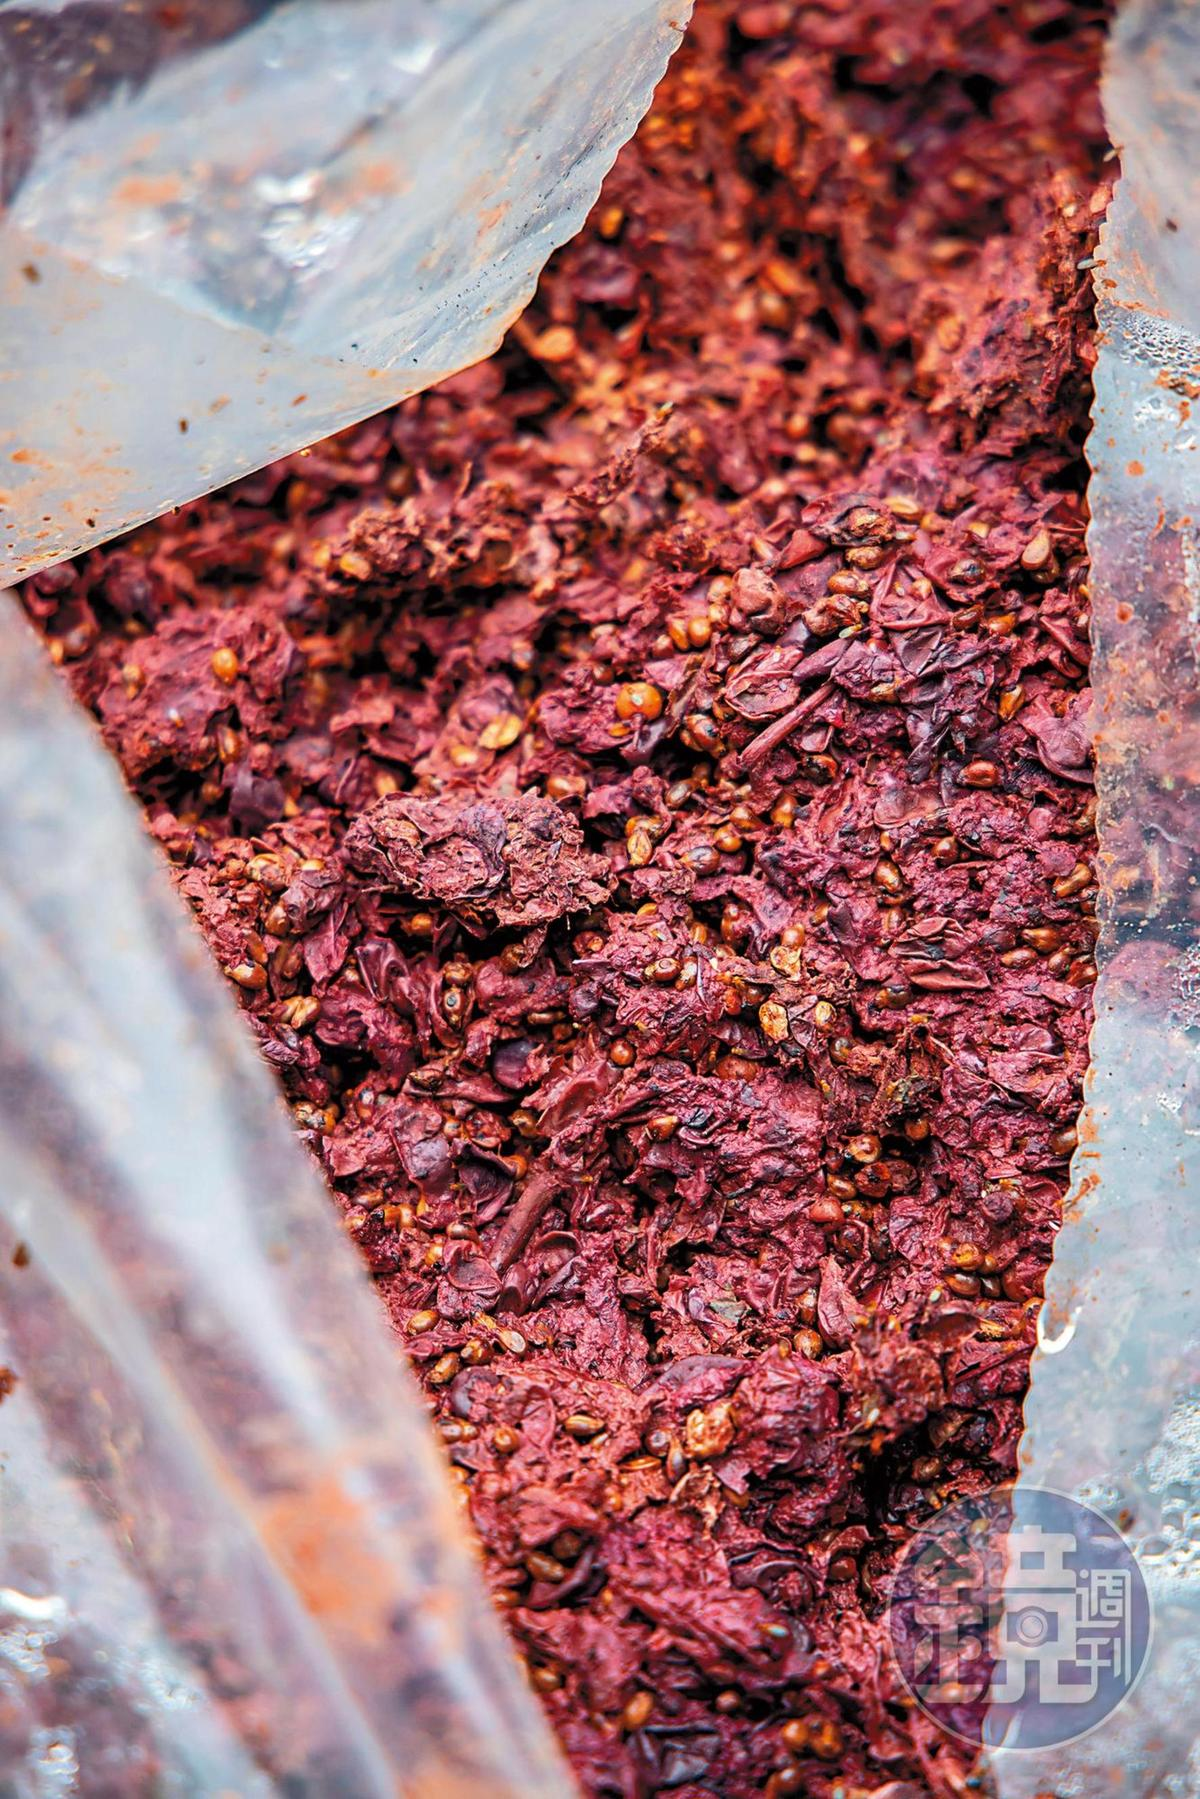 深色葡萄的果渣,蒸餾成品香氣也較為濃郁。